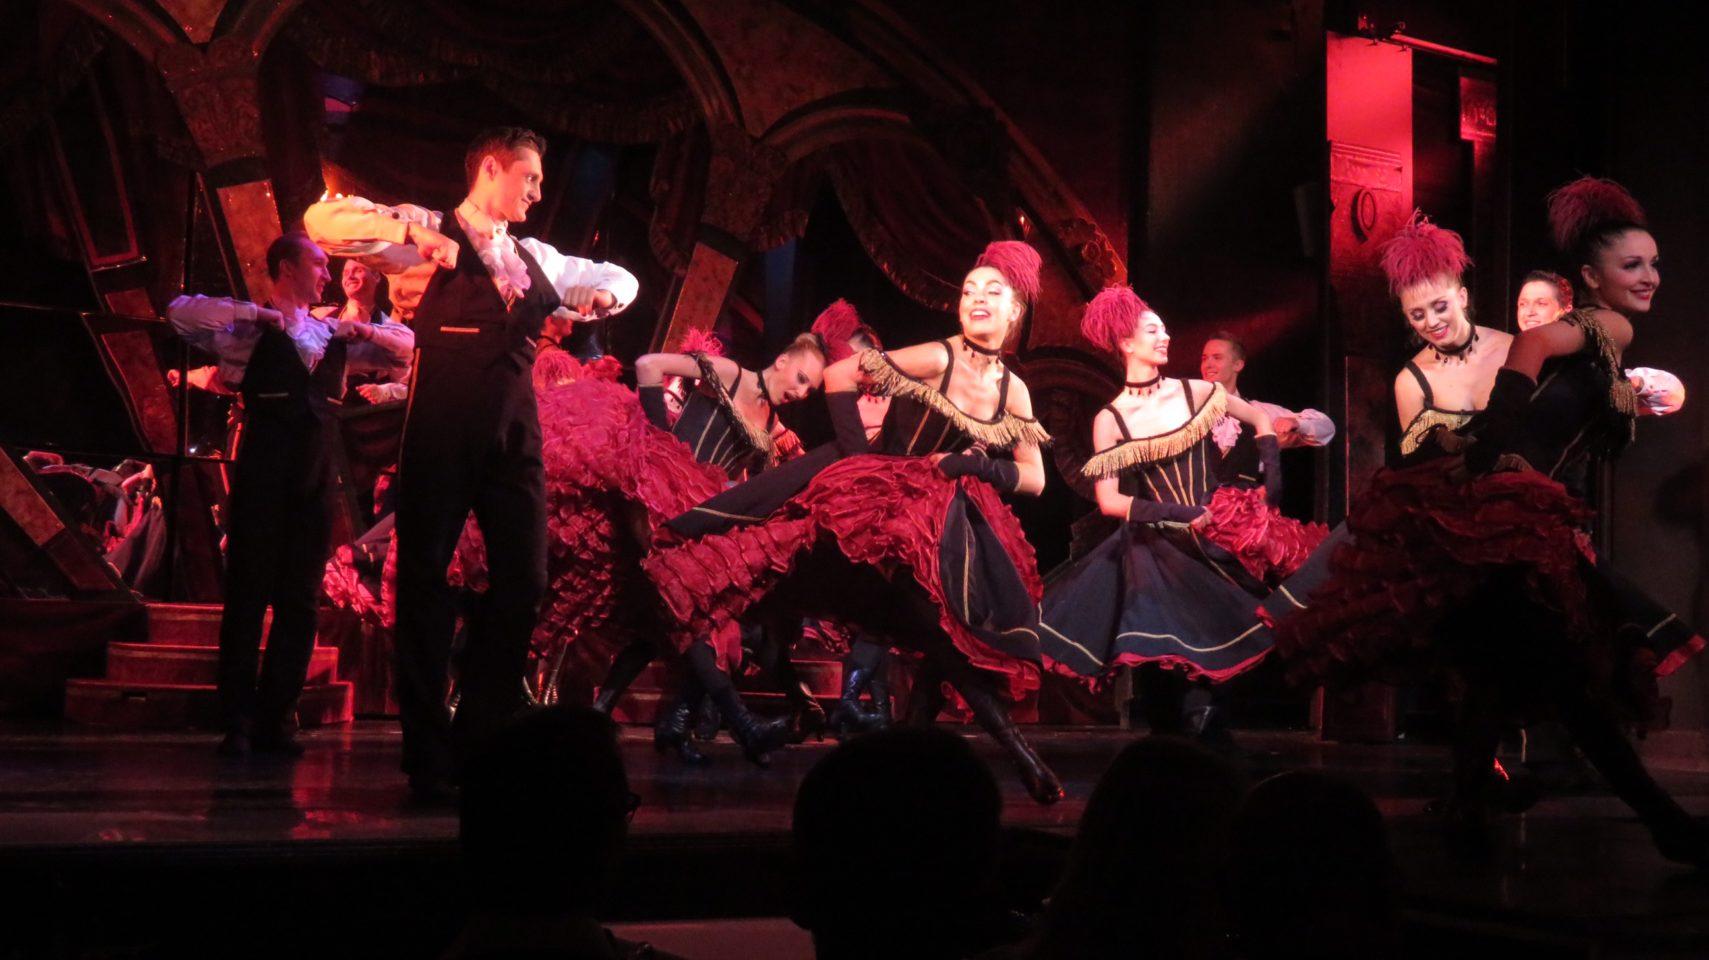 <em><strong>Paradis Latin cabaret</strong> </em>~ Paris, France